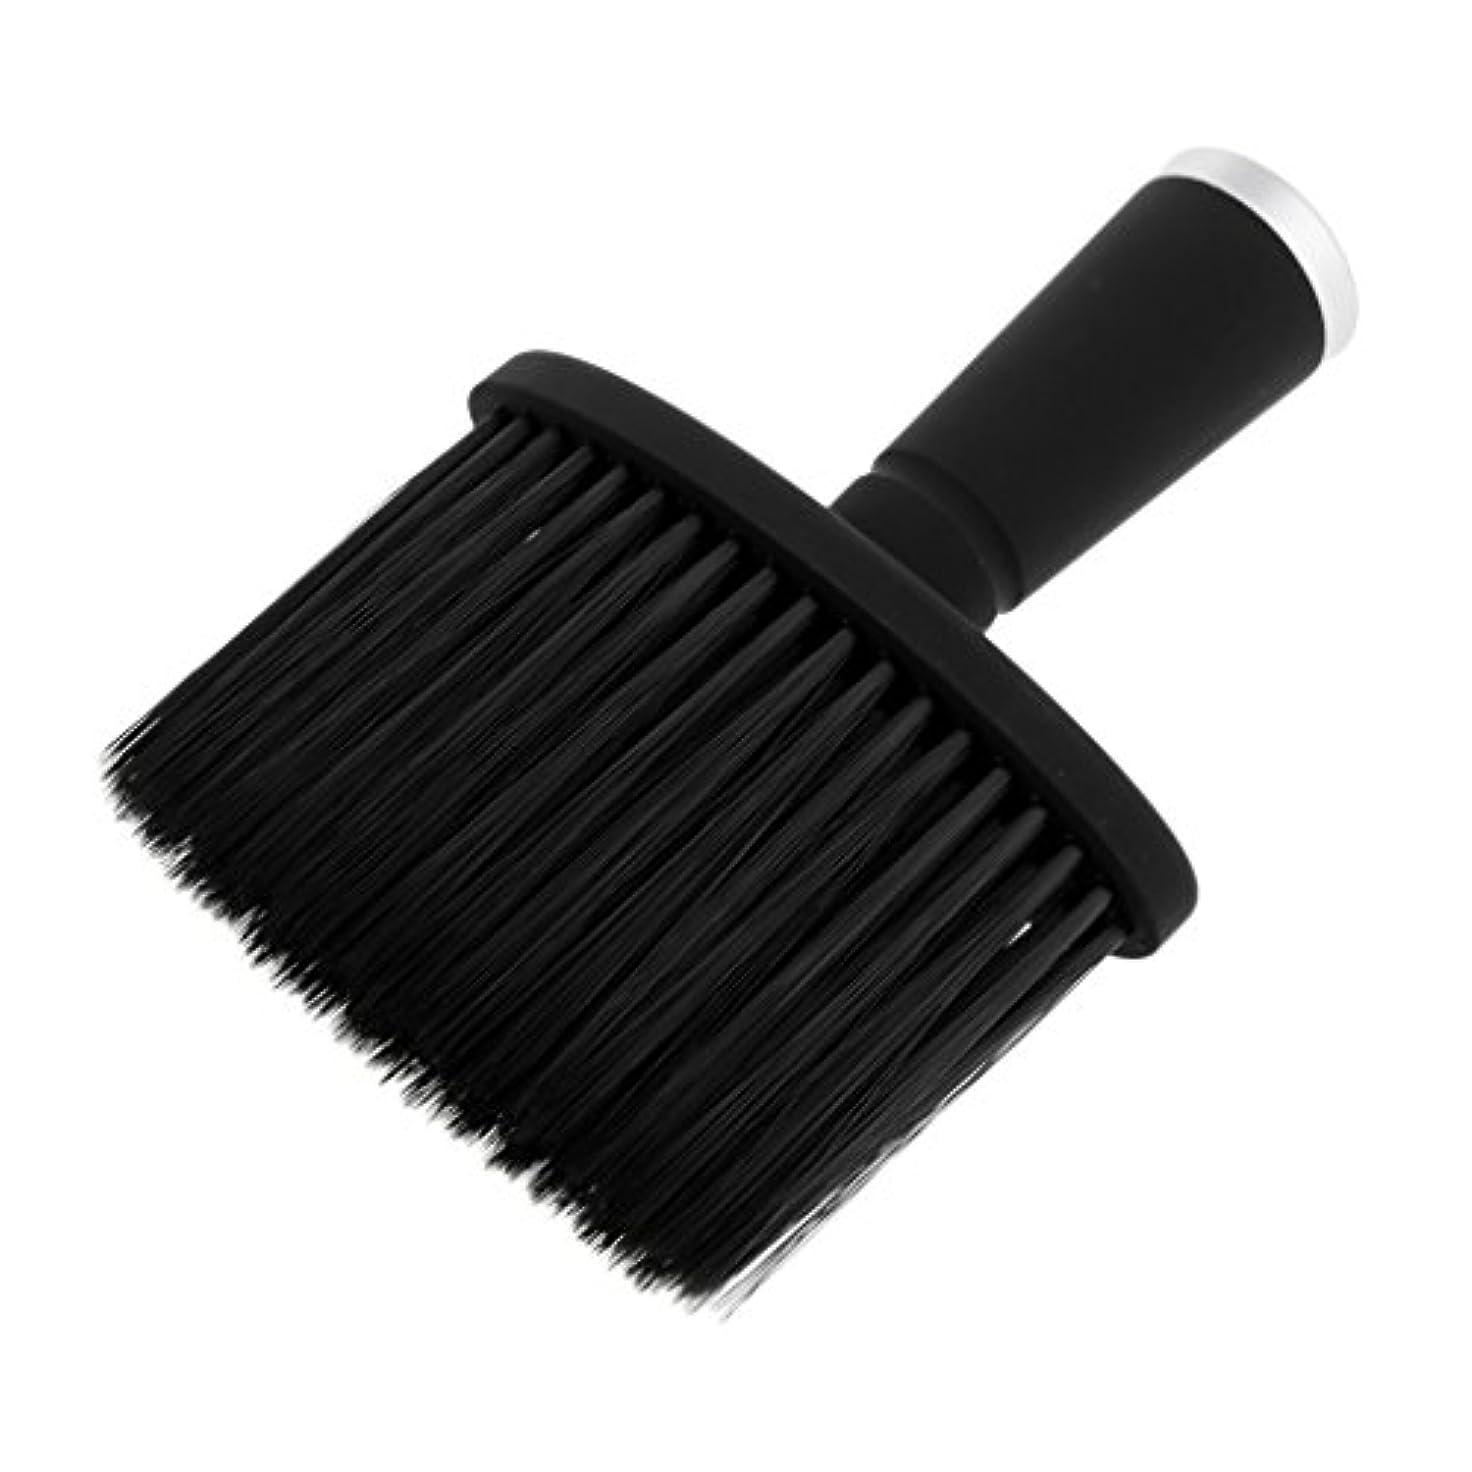 肉設計図条件付きT TOOYFUL ソフトネックダスターブラシサロンのためのスタイリストの理髪髪ヘアカットメイクツール - 銀